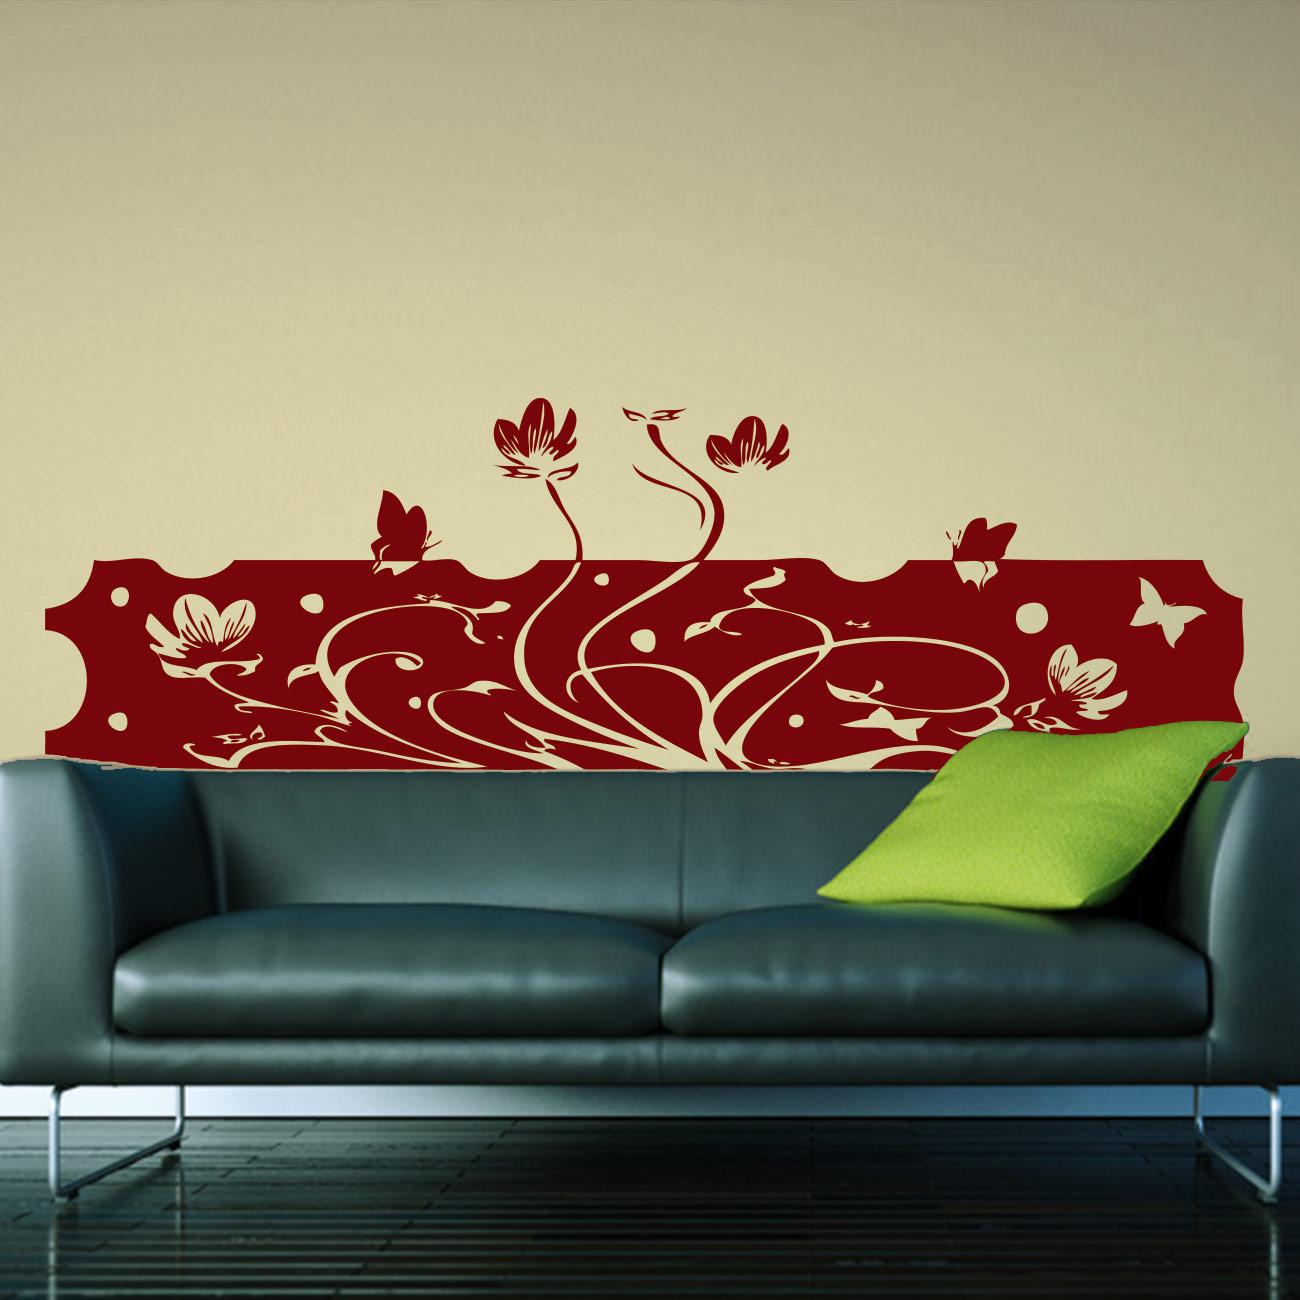 Wandtattoo als Blumenbanner fürs Schlafzimmer   Sunnywall Online-Shop